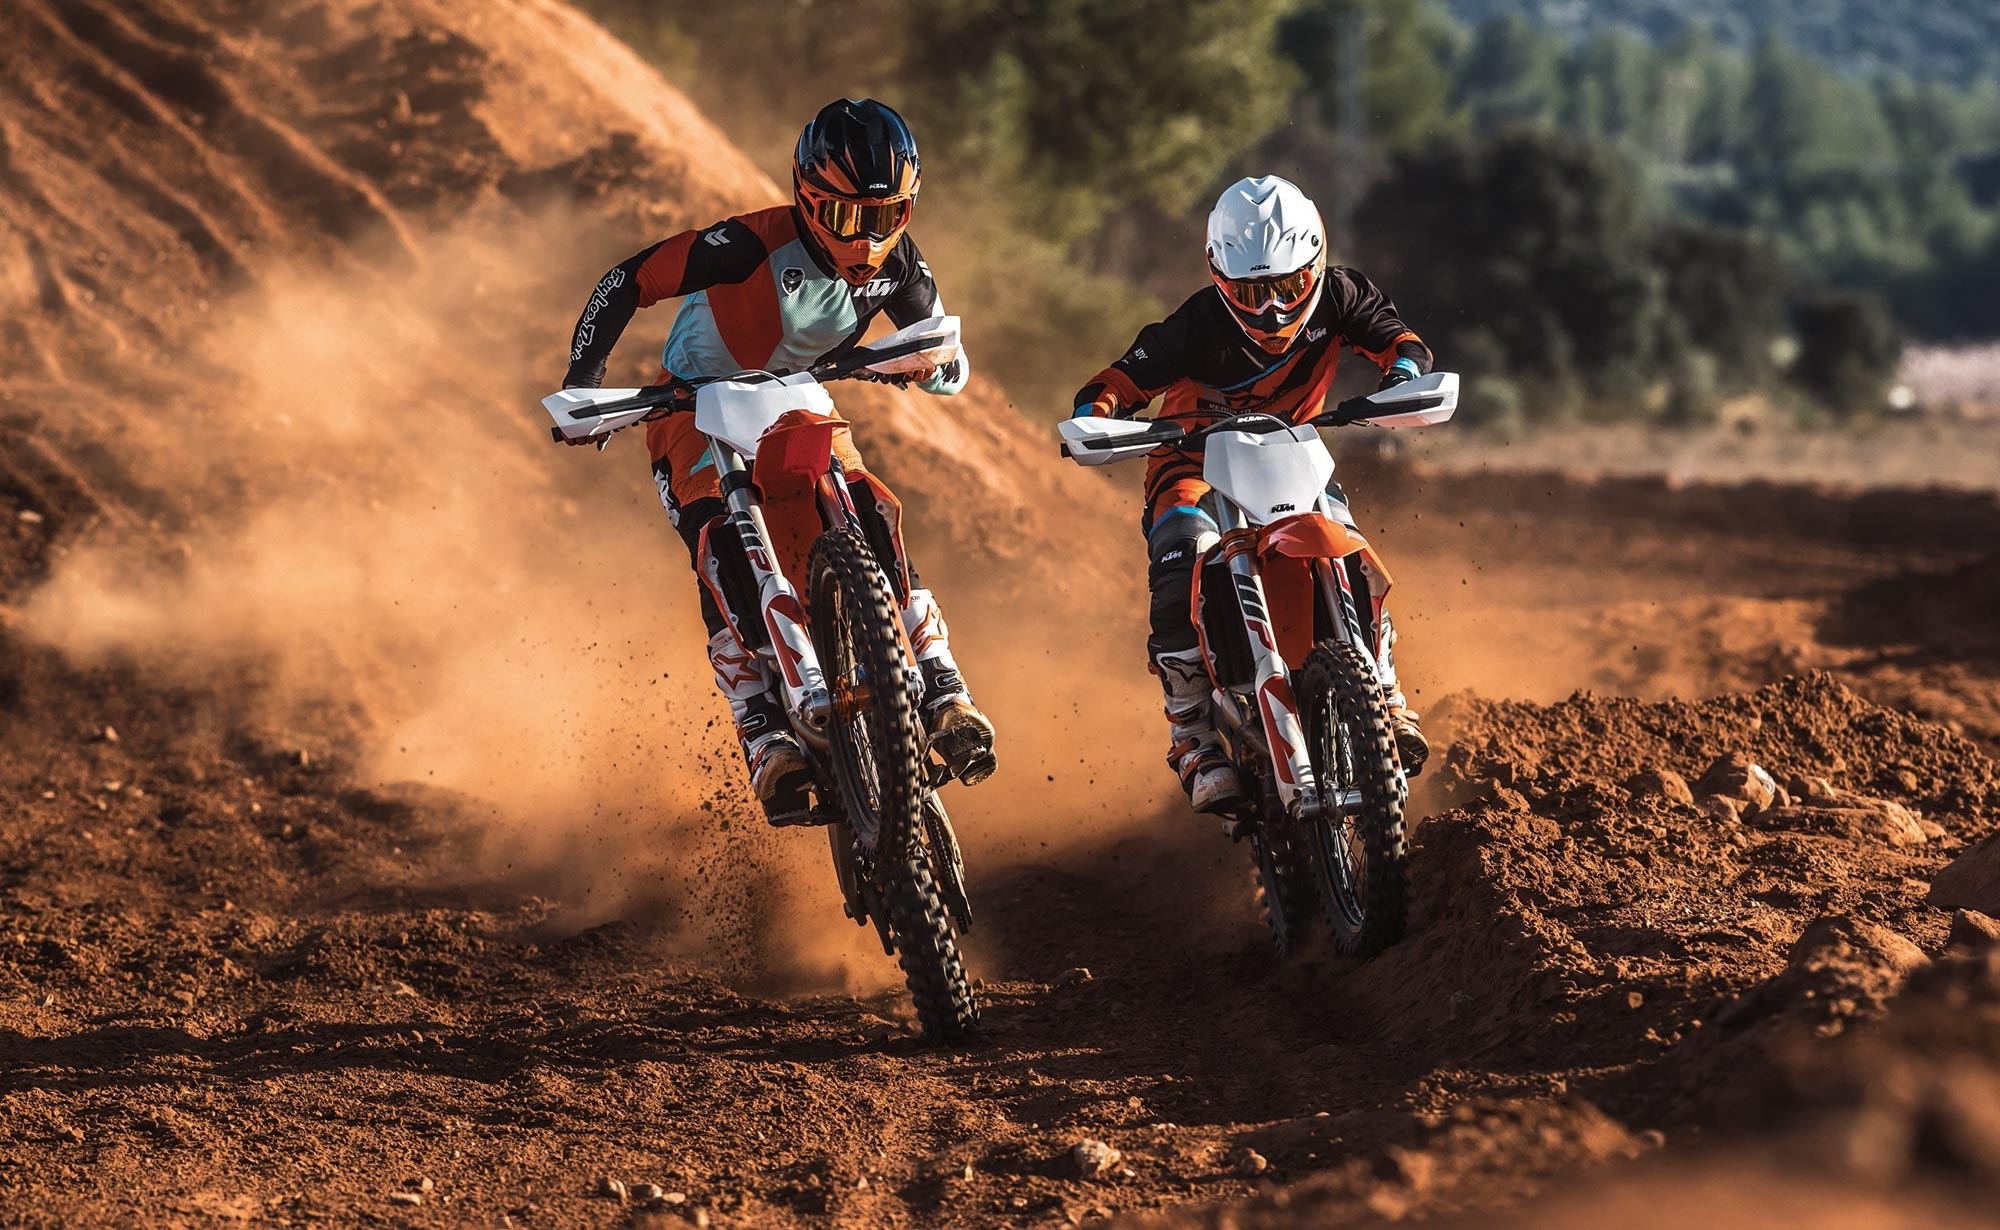 Ktm d voile sa gamme motocross 2019 - Image de moto ktm ...